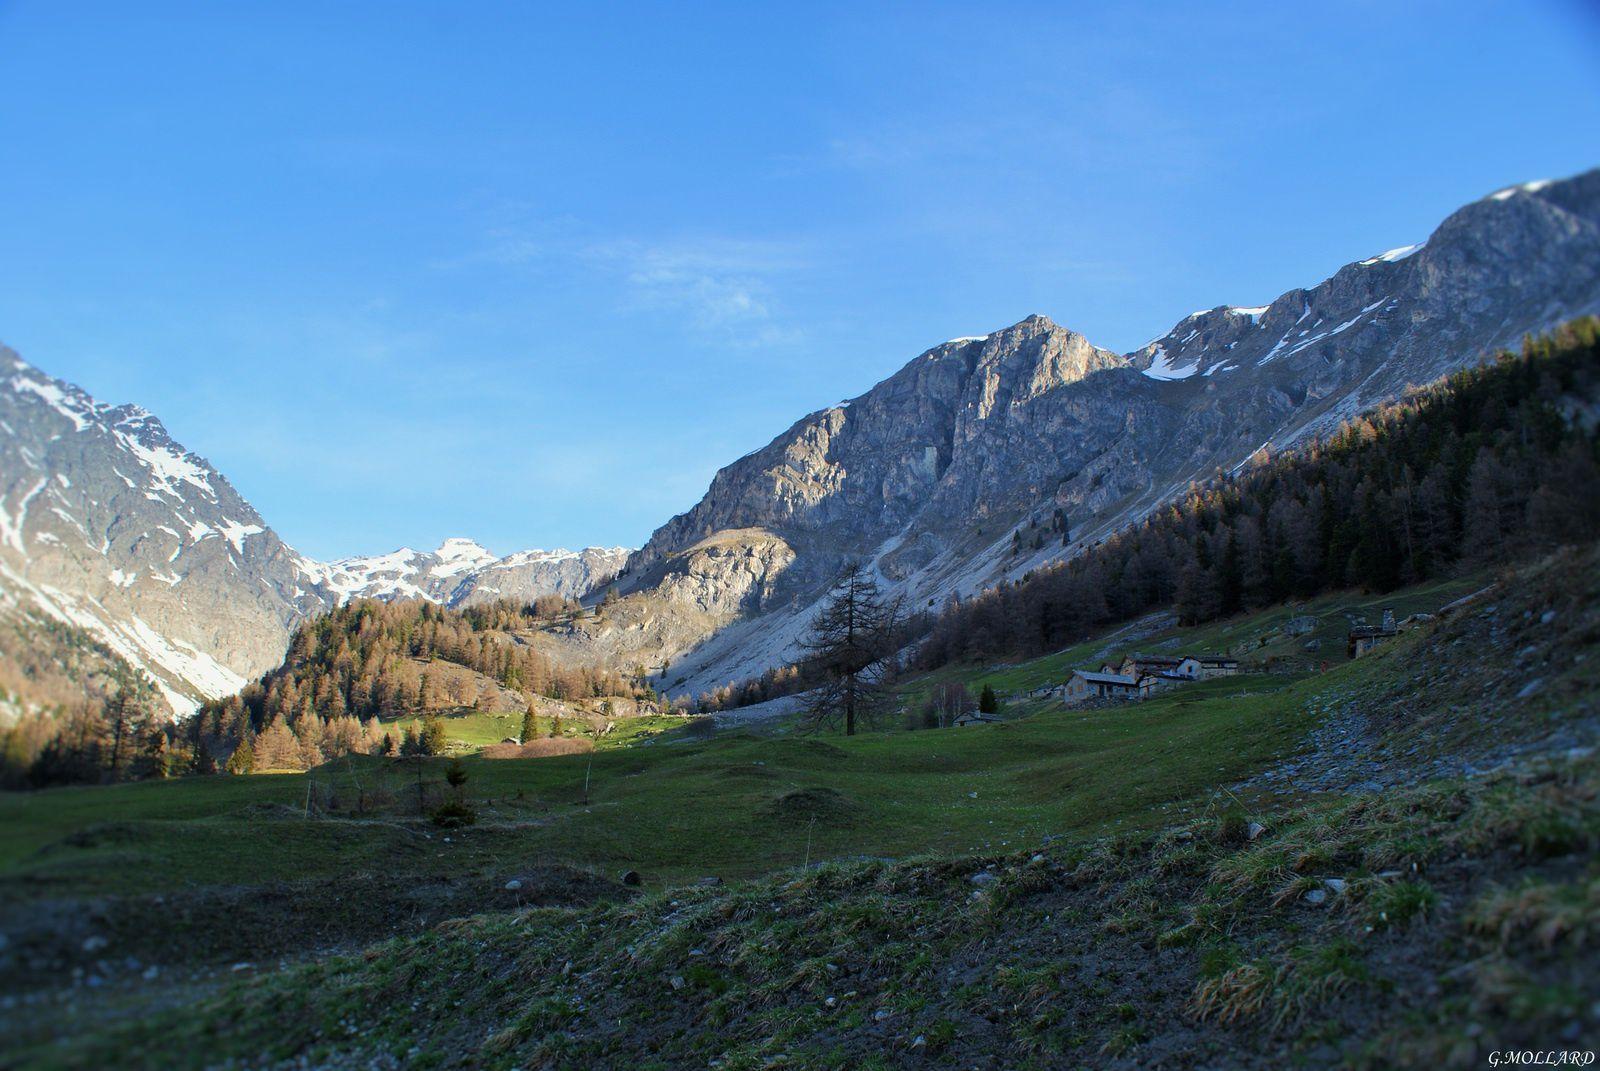 le hameau de Polset 1780m au pied du parc de la Vanoise.